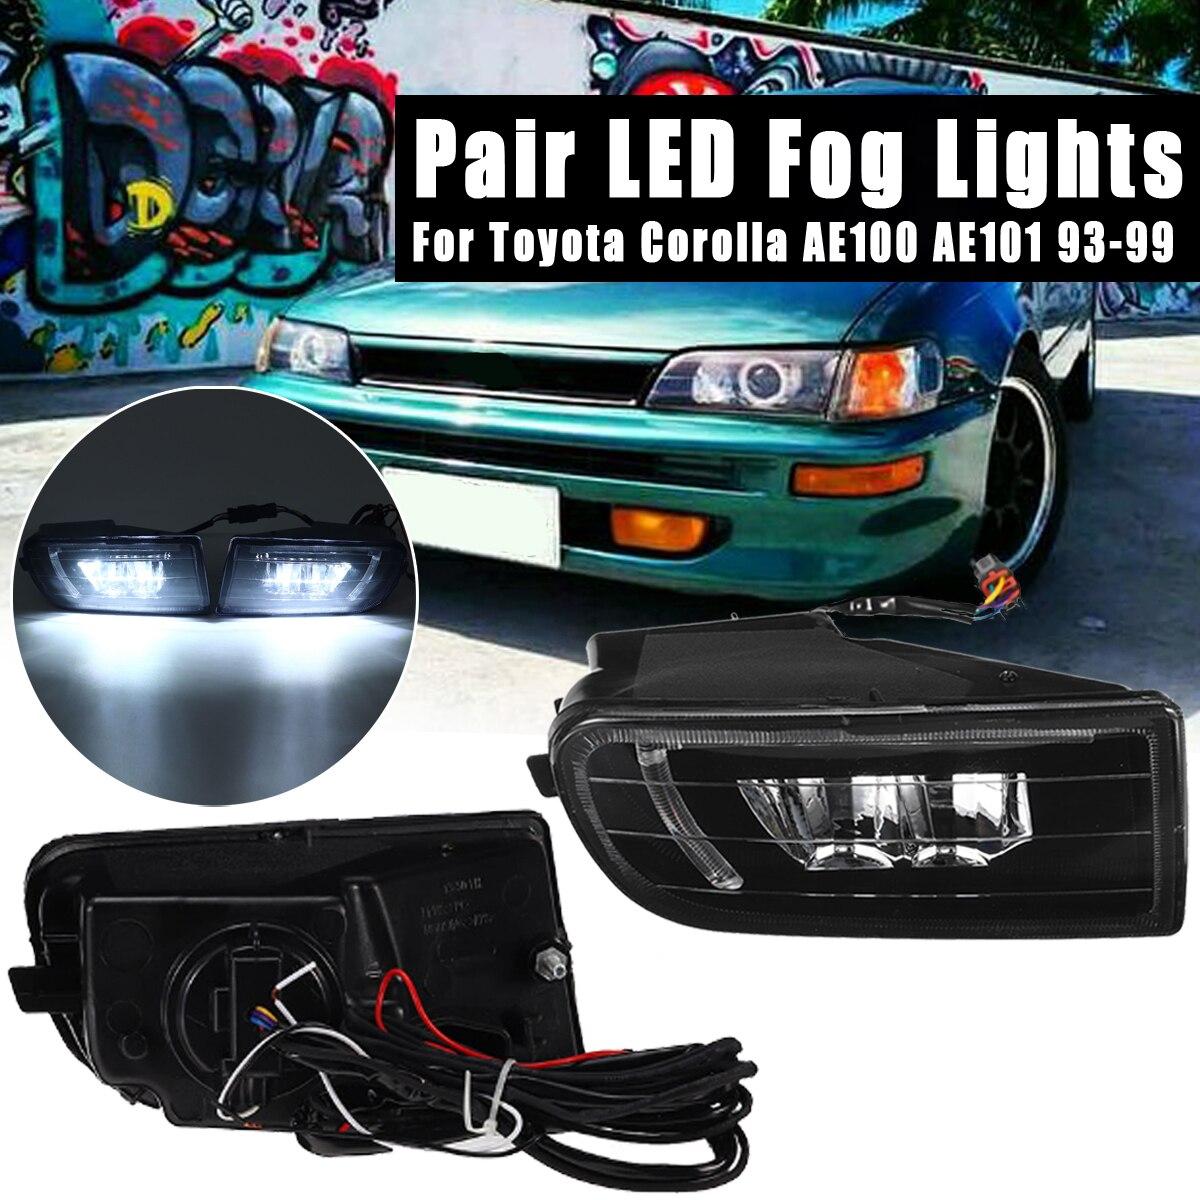 Fog Lamp Assembly Super Bright Fog Light For Toyota Corolla AE100 AE101 1993 1994 1995 1996 1997 1998 1999 Led Fog Lights 1set